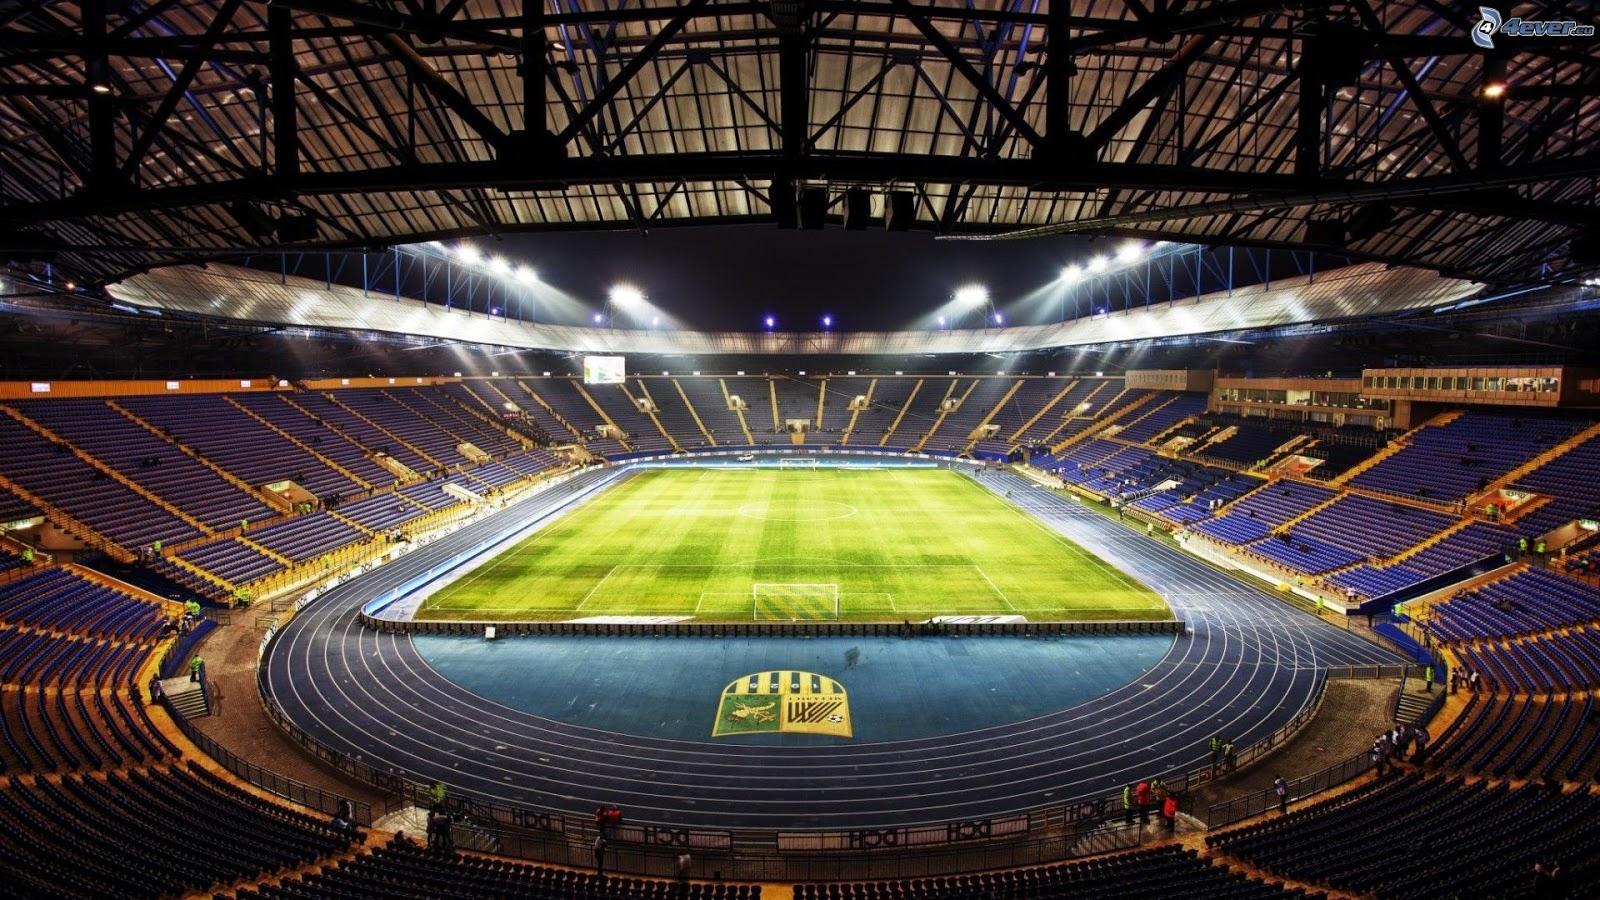 ملخص مباراة يوفنتوس وسامبدوريا بتاريخ 29-12-2018 الدوري الايطالي